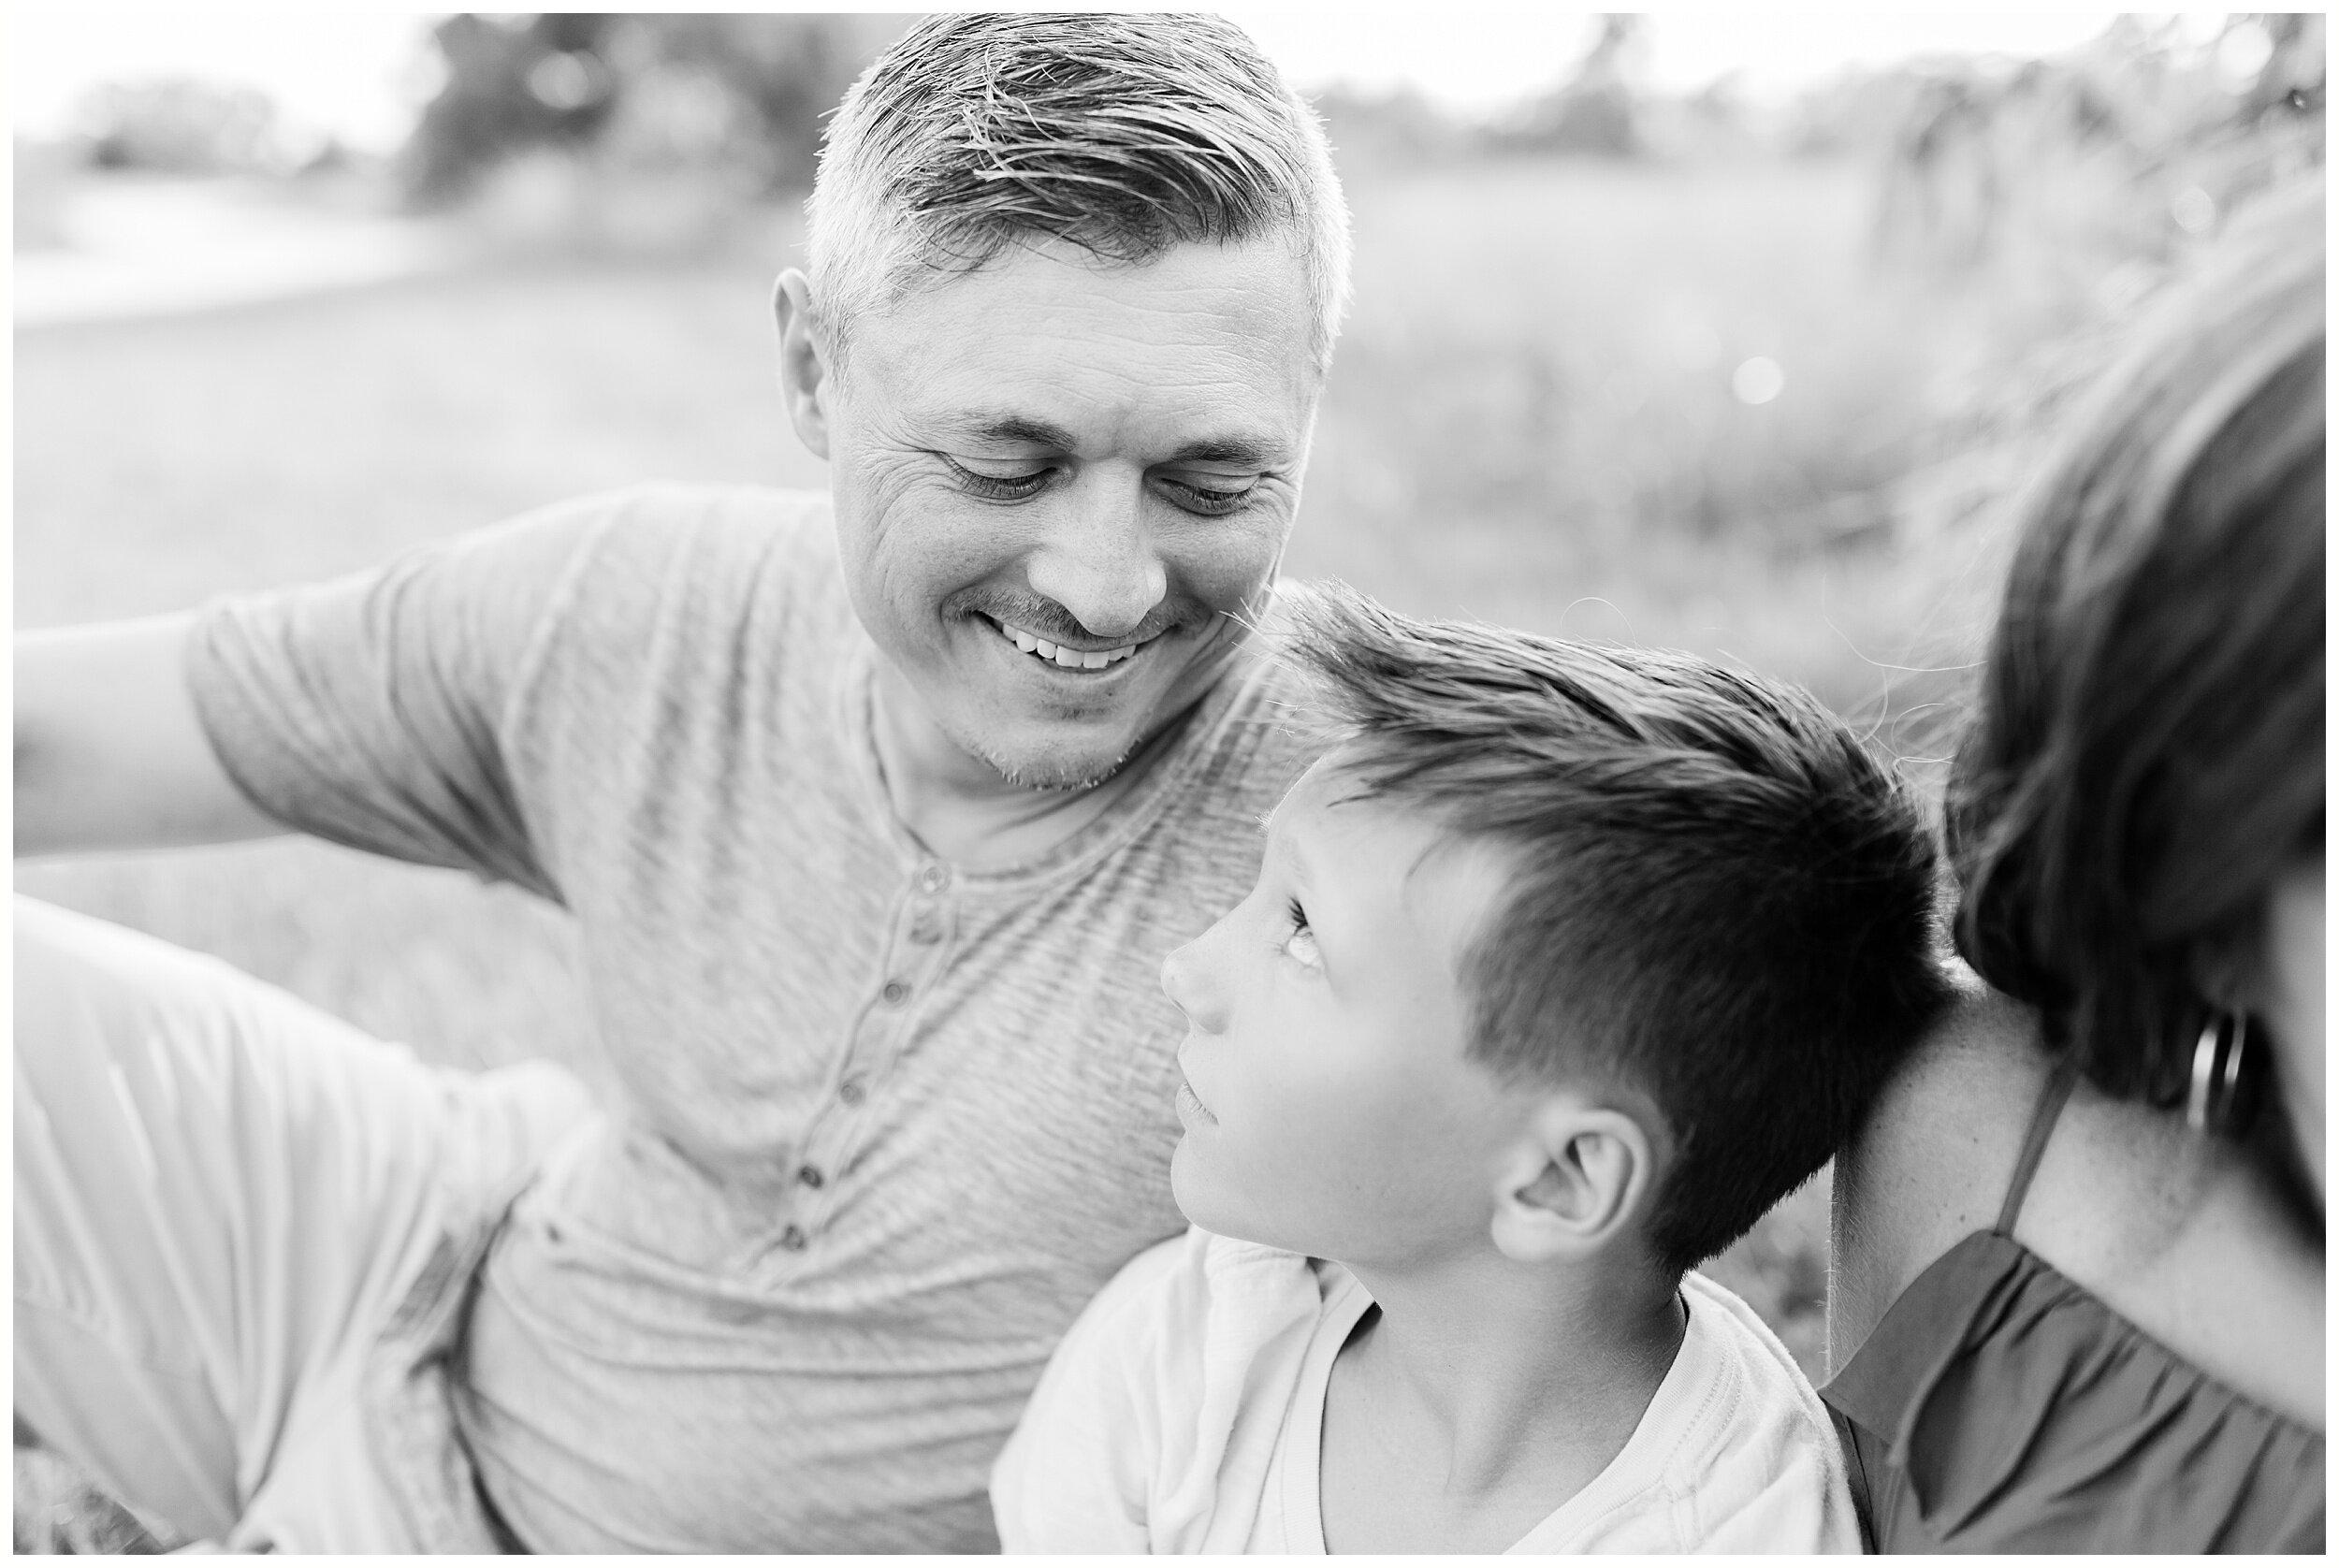 lexington-ky-family-lifestyle-photographer-priscilla-baierlein_1669.jpg